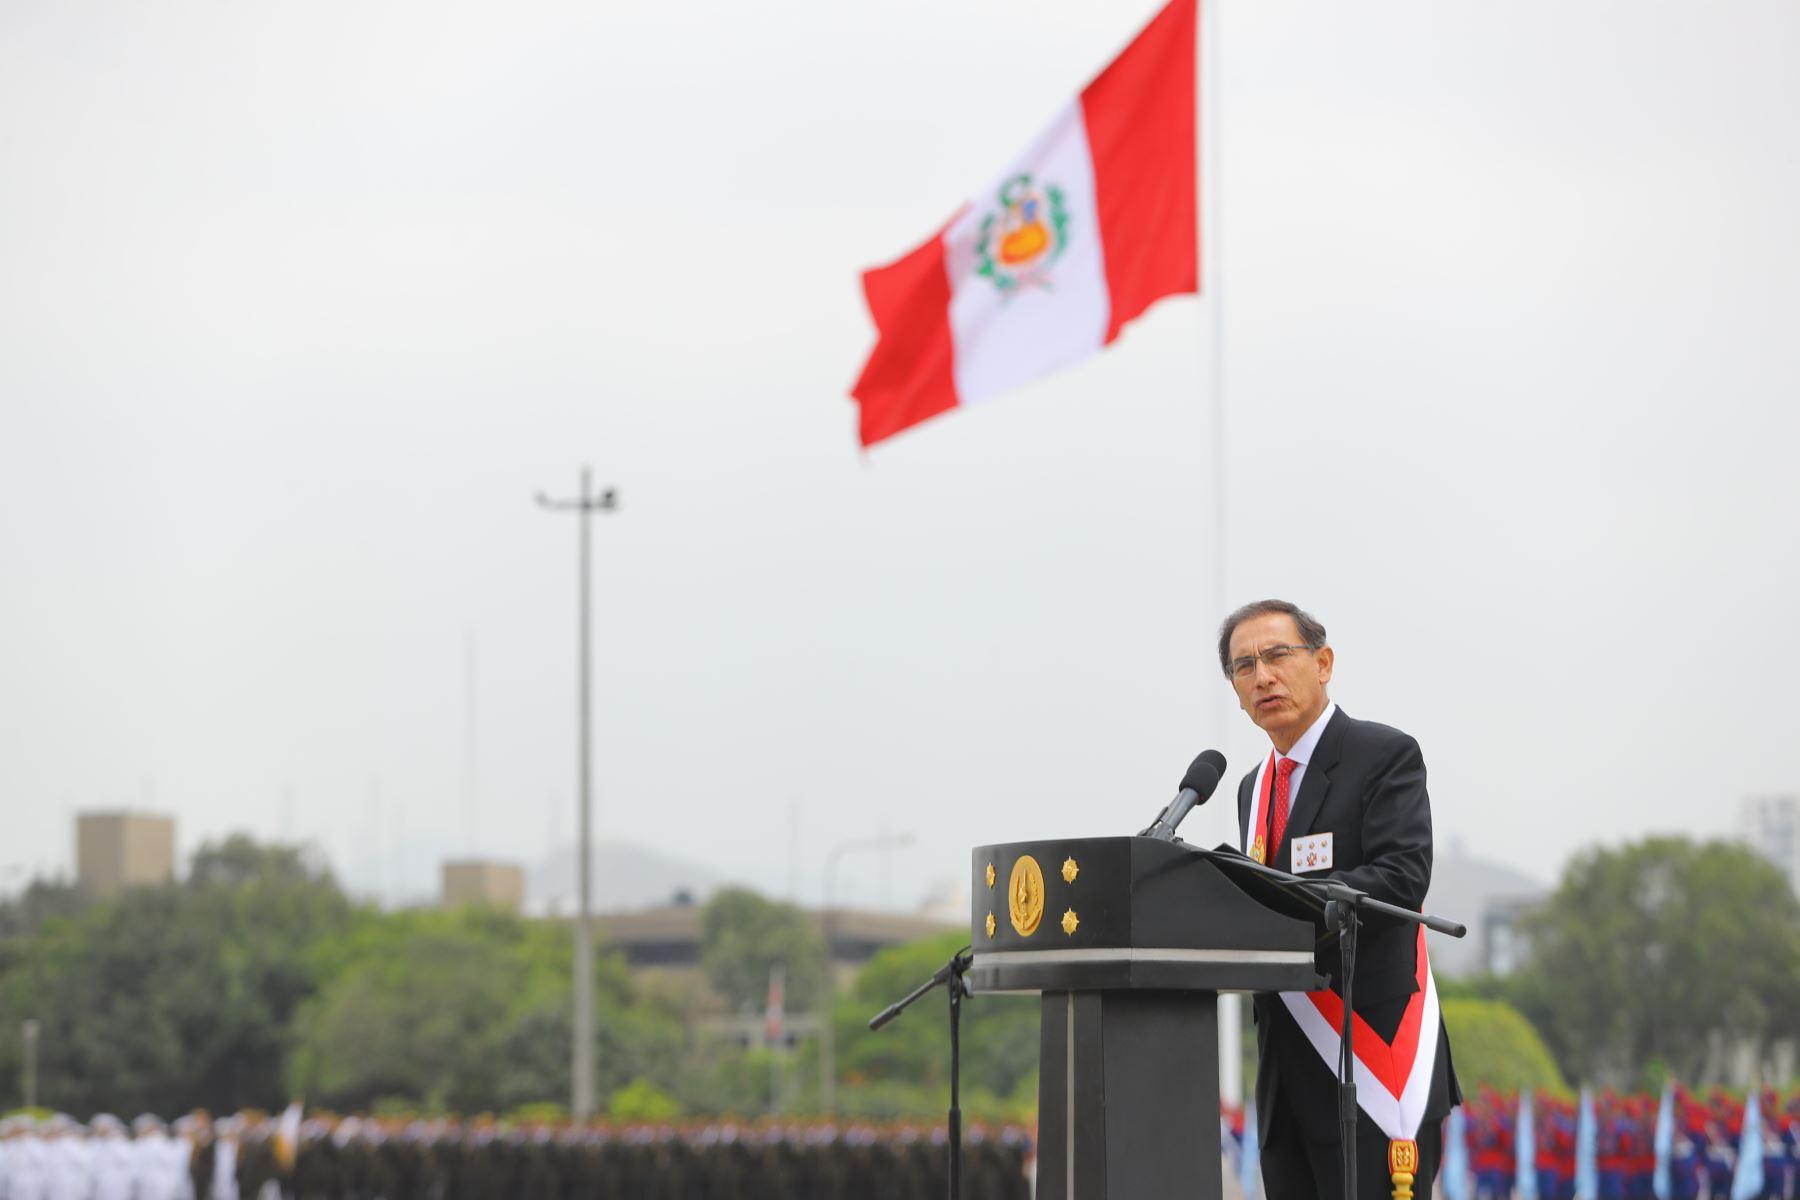 El presidente de la República, Martín Vizcarra, participa en la ceremonia central por el día del Ejército del Perú y el 194° aniversario de la batalla de Ayacucho.Foto: ANDINA/Andrés Valle/Prensa Presidencia